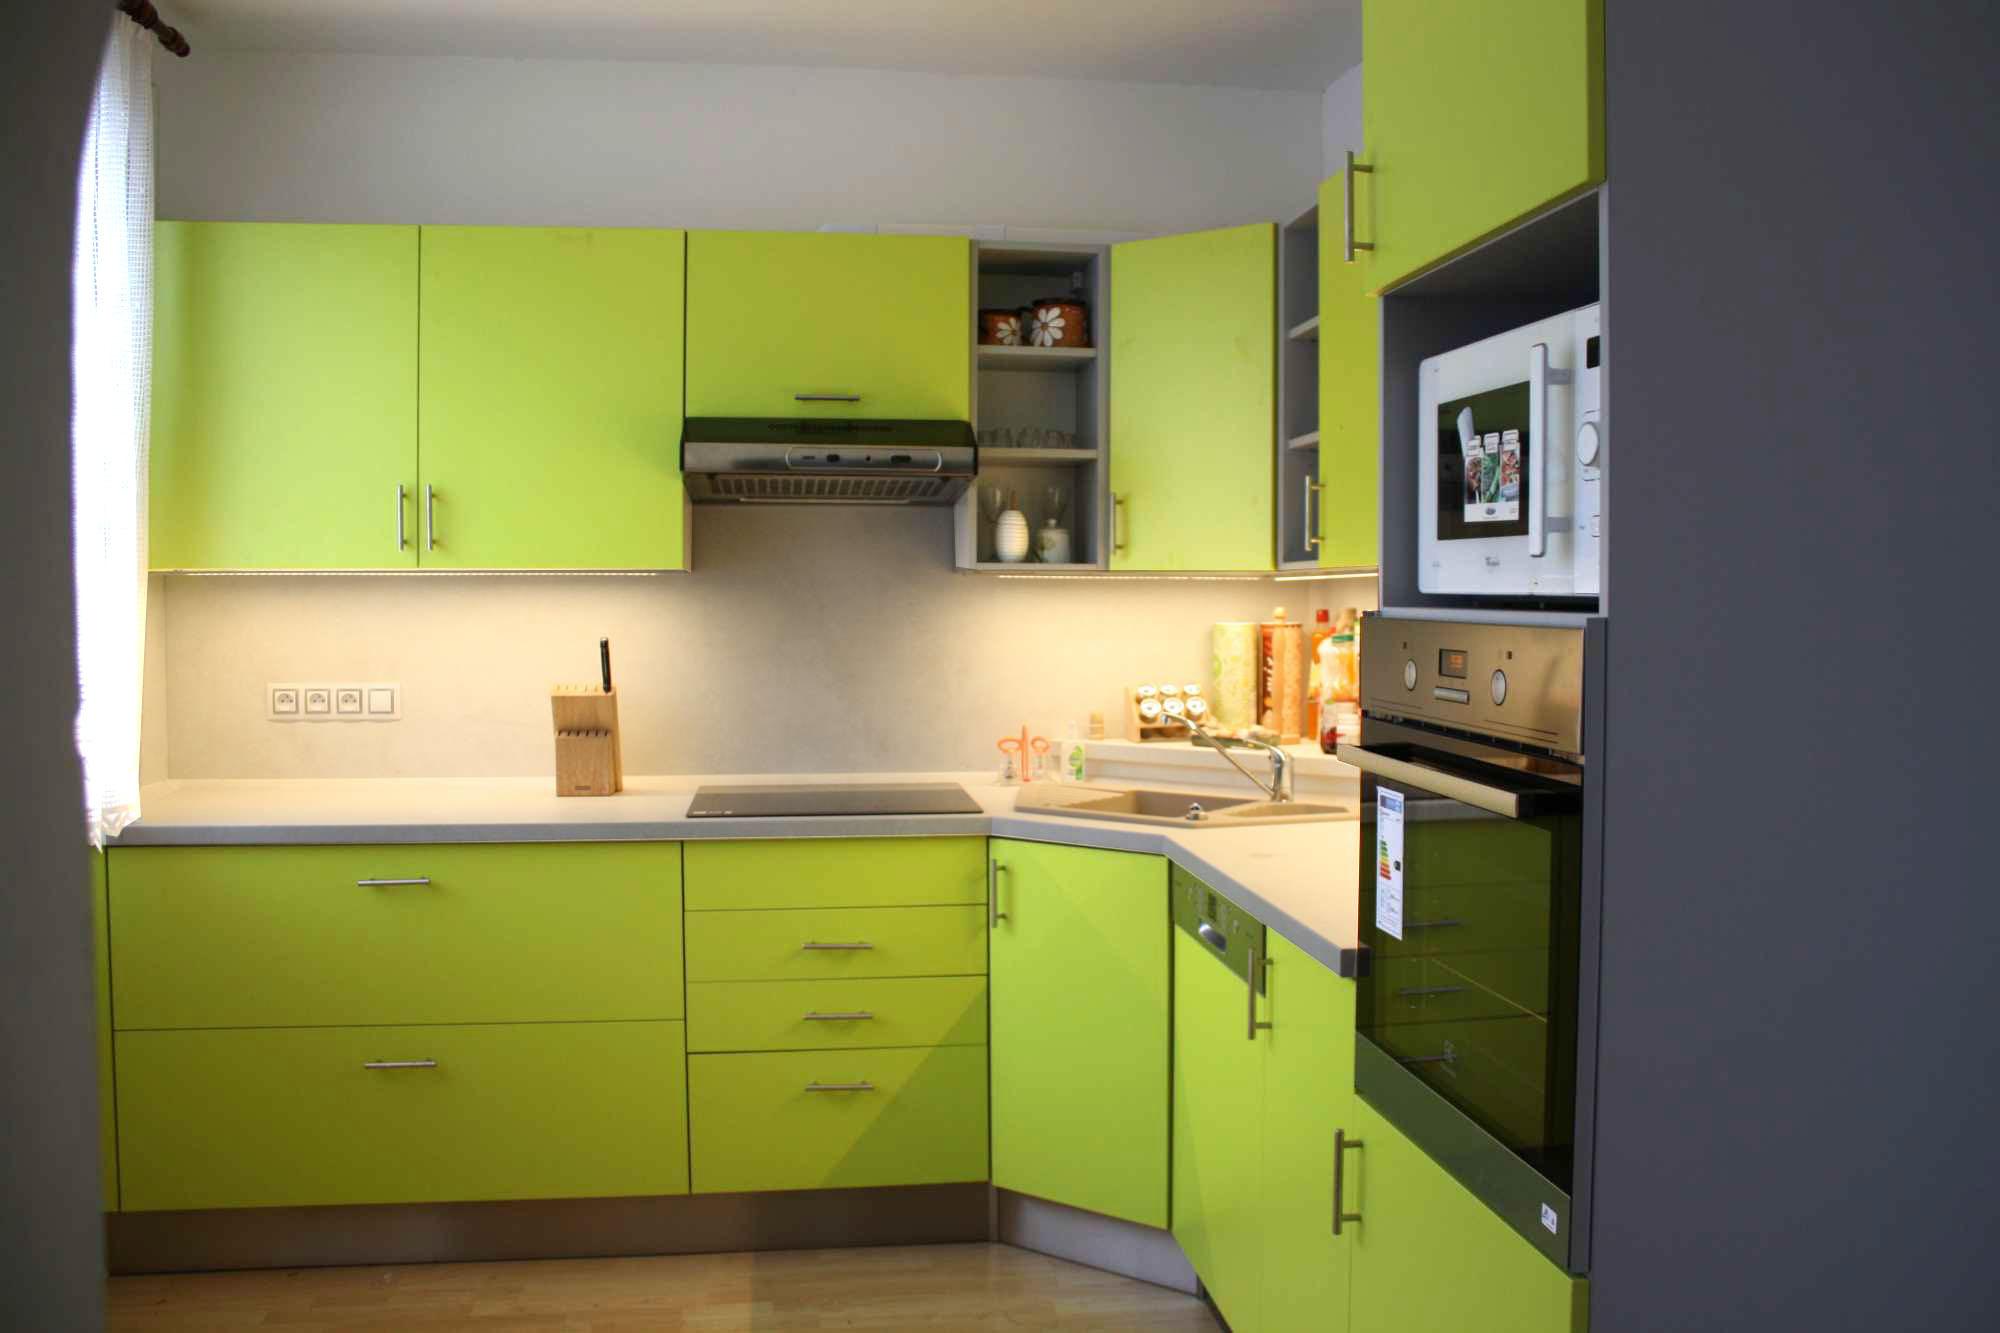 Realizovaná rohová kuchyně v zářivých pastelových barvách